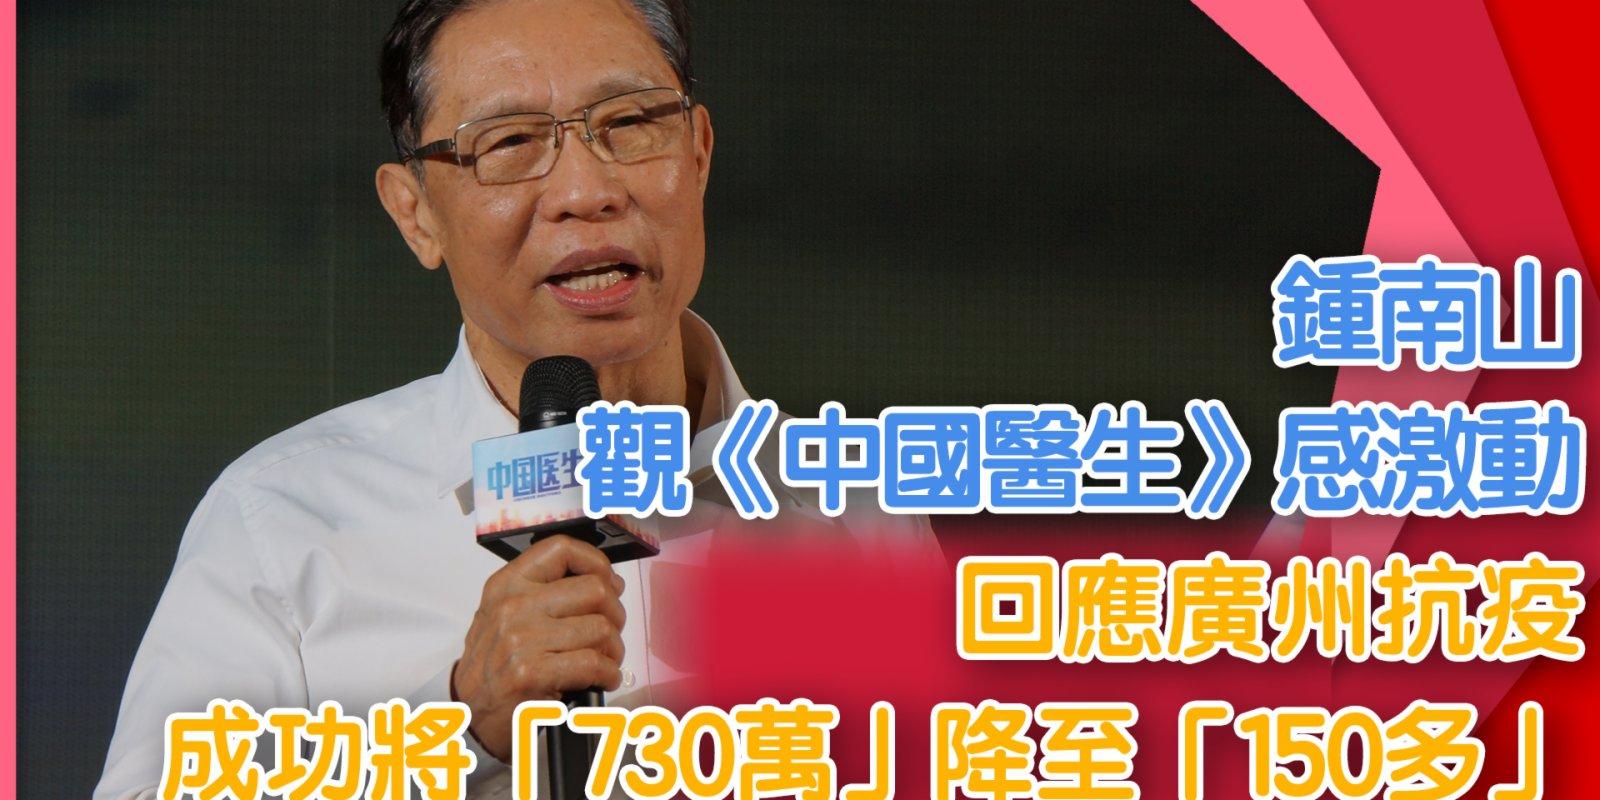 鍾南山觀看《中國醫生》感激動  回應廣州抗疫指成功將「730萬」降至「150多」